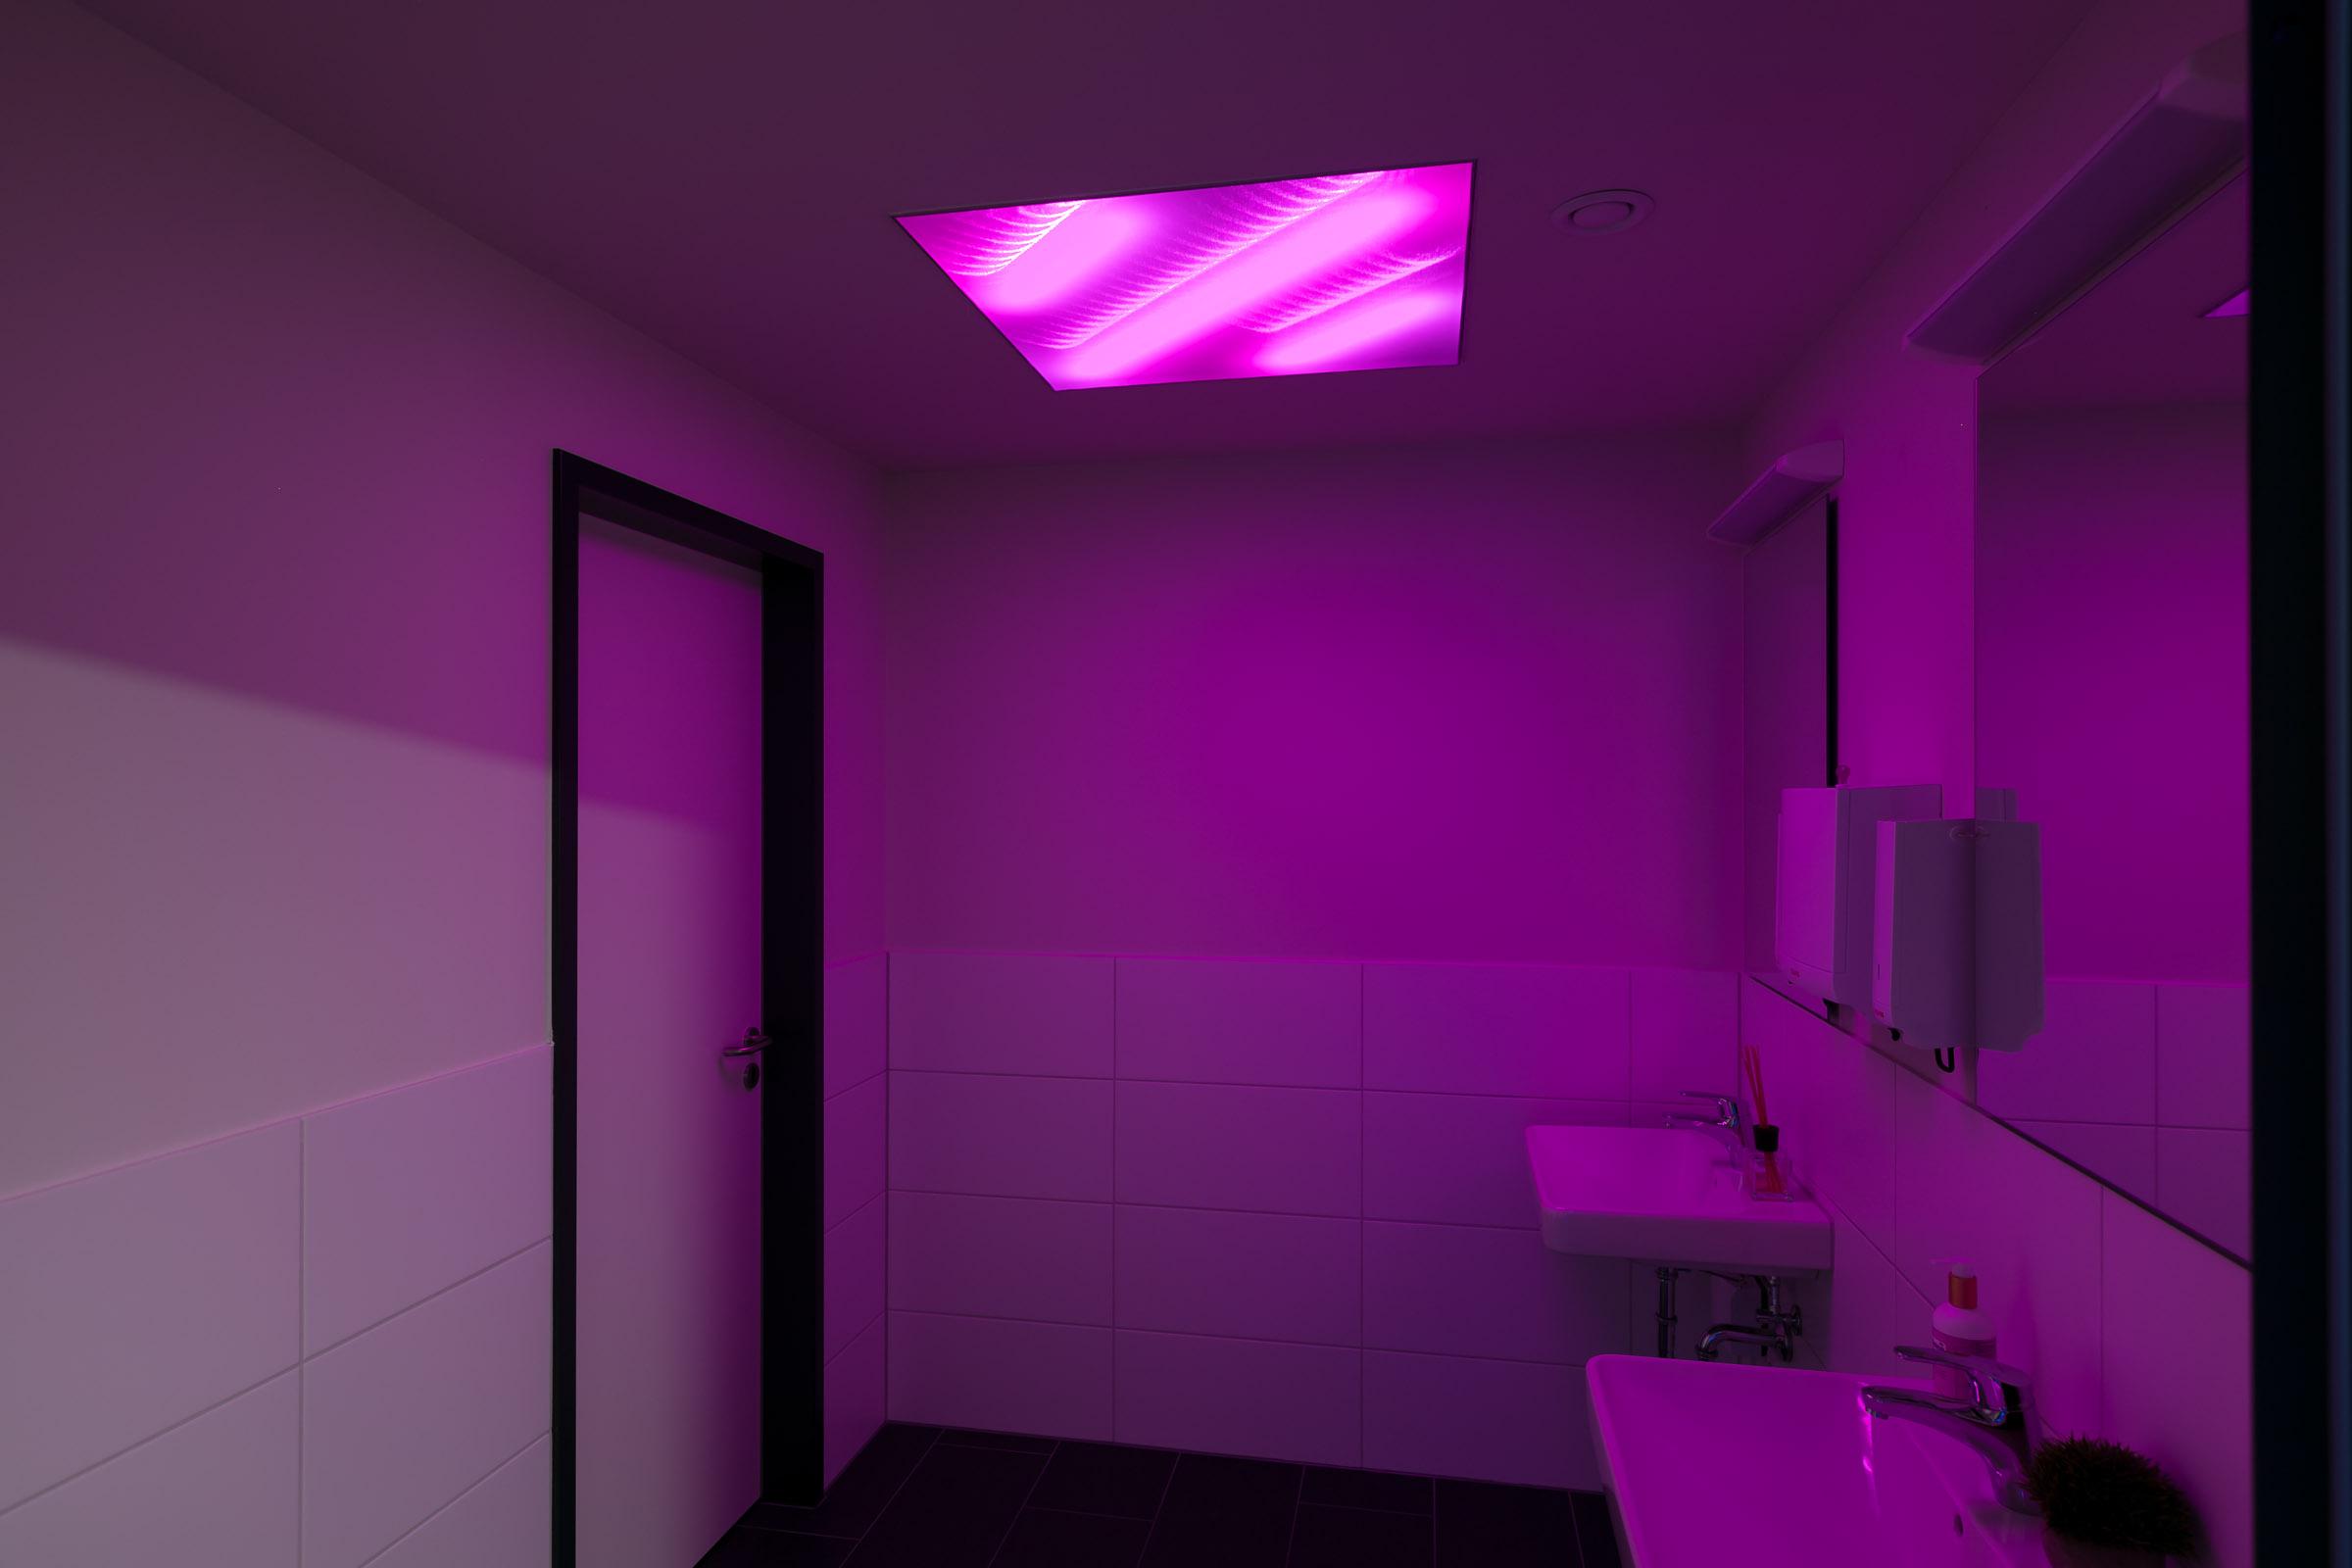 dunkler Sanitärraum mit lila leuchtender textiler Lichtdecke